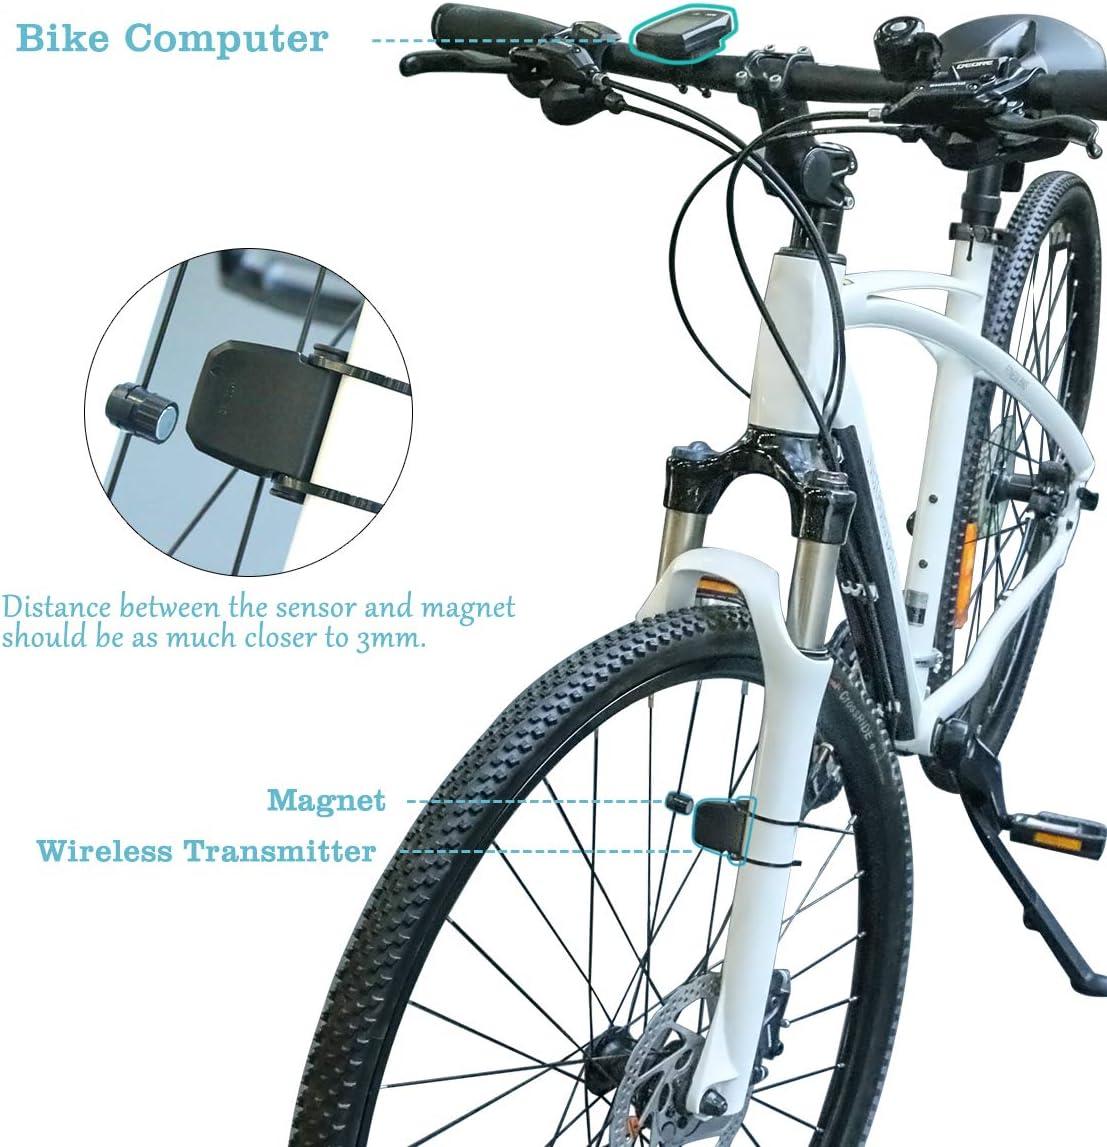 Velocímetro Bicicleta, DINOKA 23 functions Inalámbrico Cuentakilómetros para Bicicleta de Montaña Impermeable, 5 idiomas intercambiables para ciclismo Realtime Speed Track y distancia: Amazon.es: Deportes y aire libre